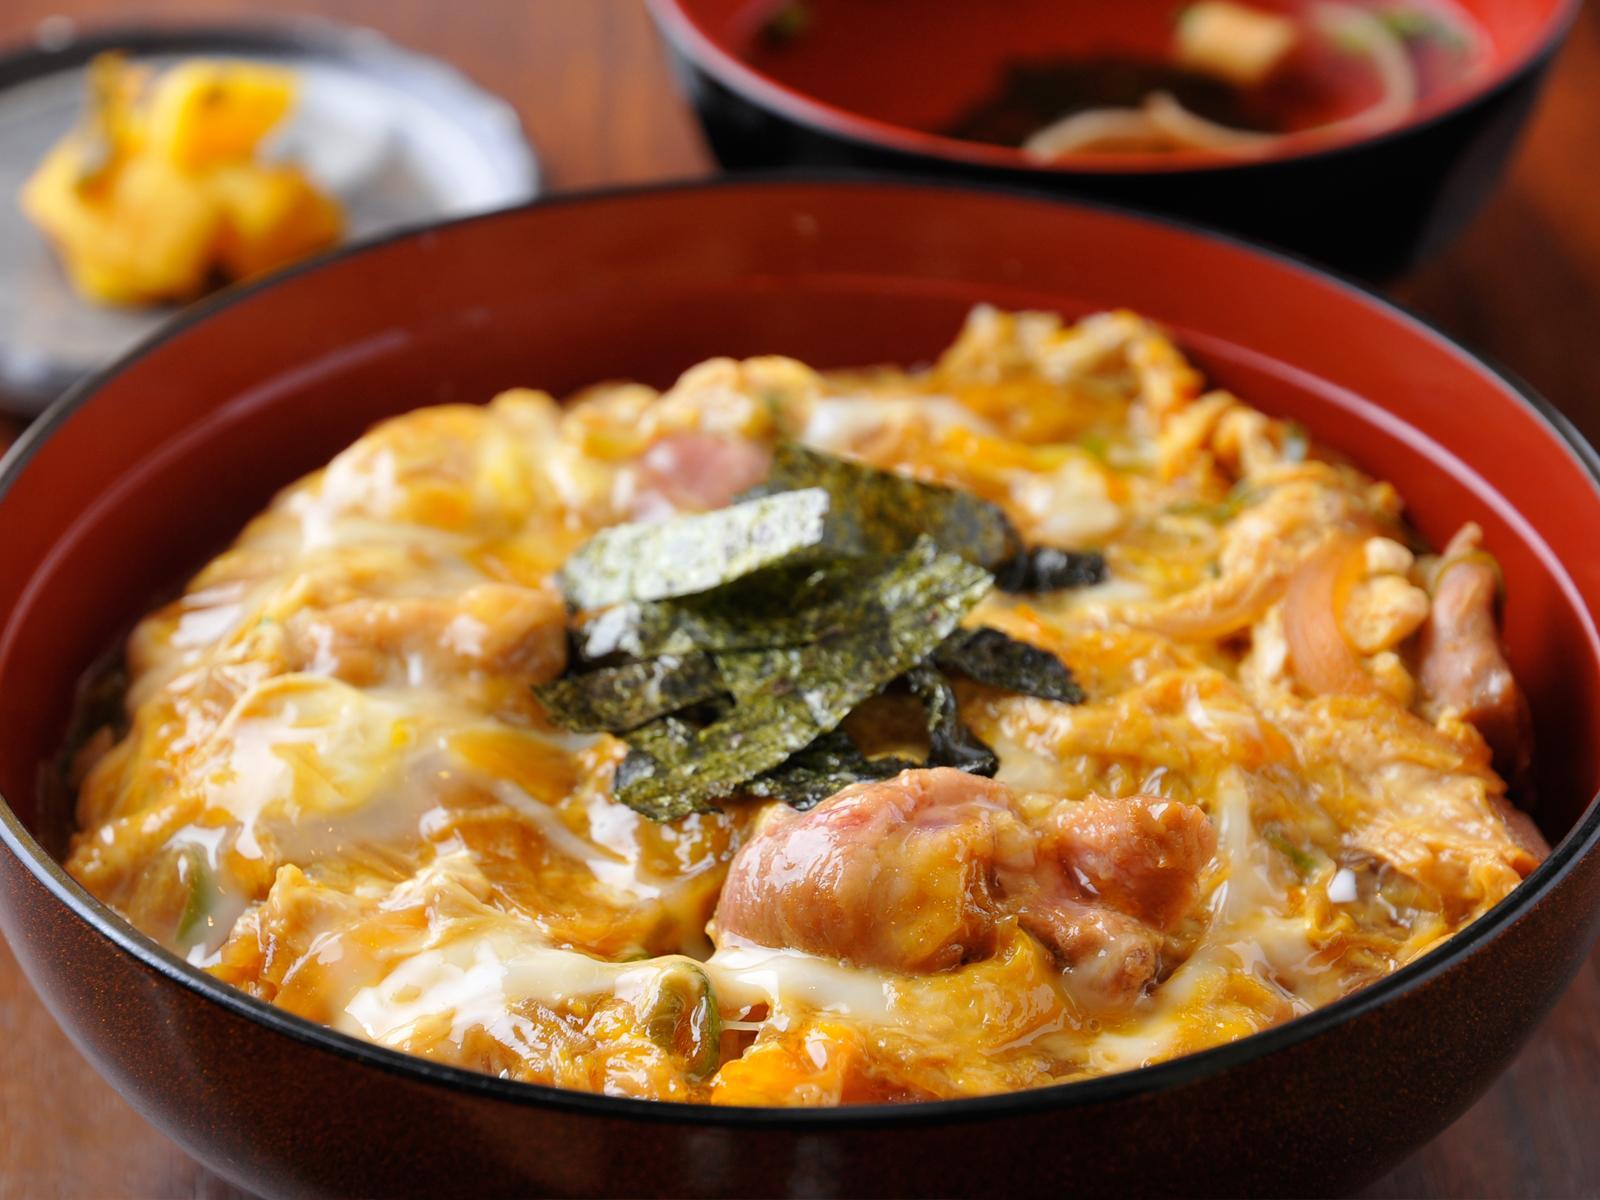 토종닭・닭 요리 미야마혼포 가고시마 중앙역점-1